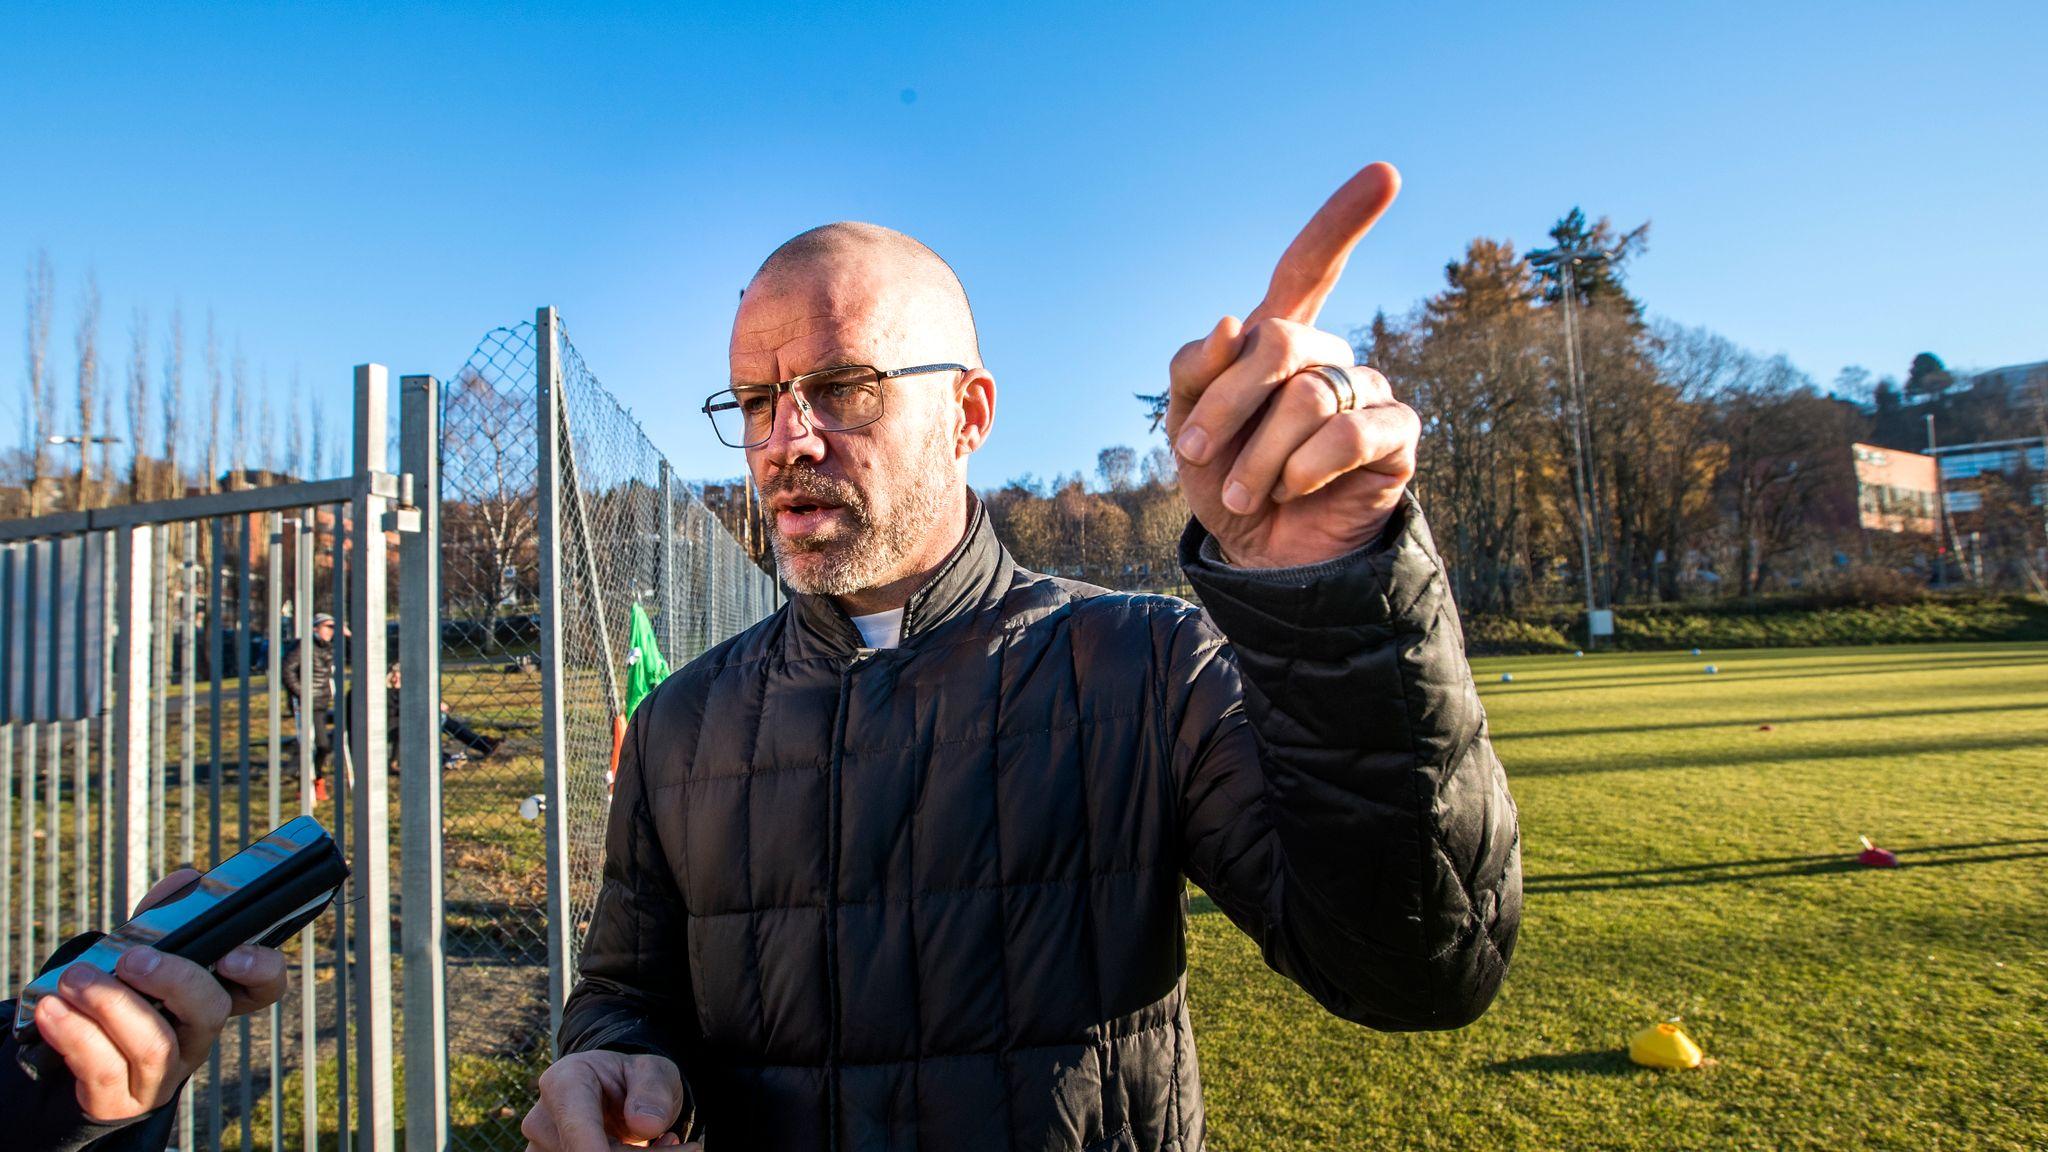 7f02a844 Evaluerer du internt, blir det sårbart for at man går glipp av noe, sier  Stig Inge Bjørnebye. Morten Antonsen